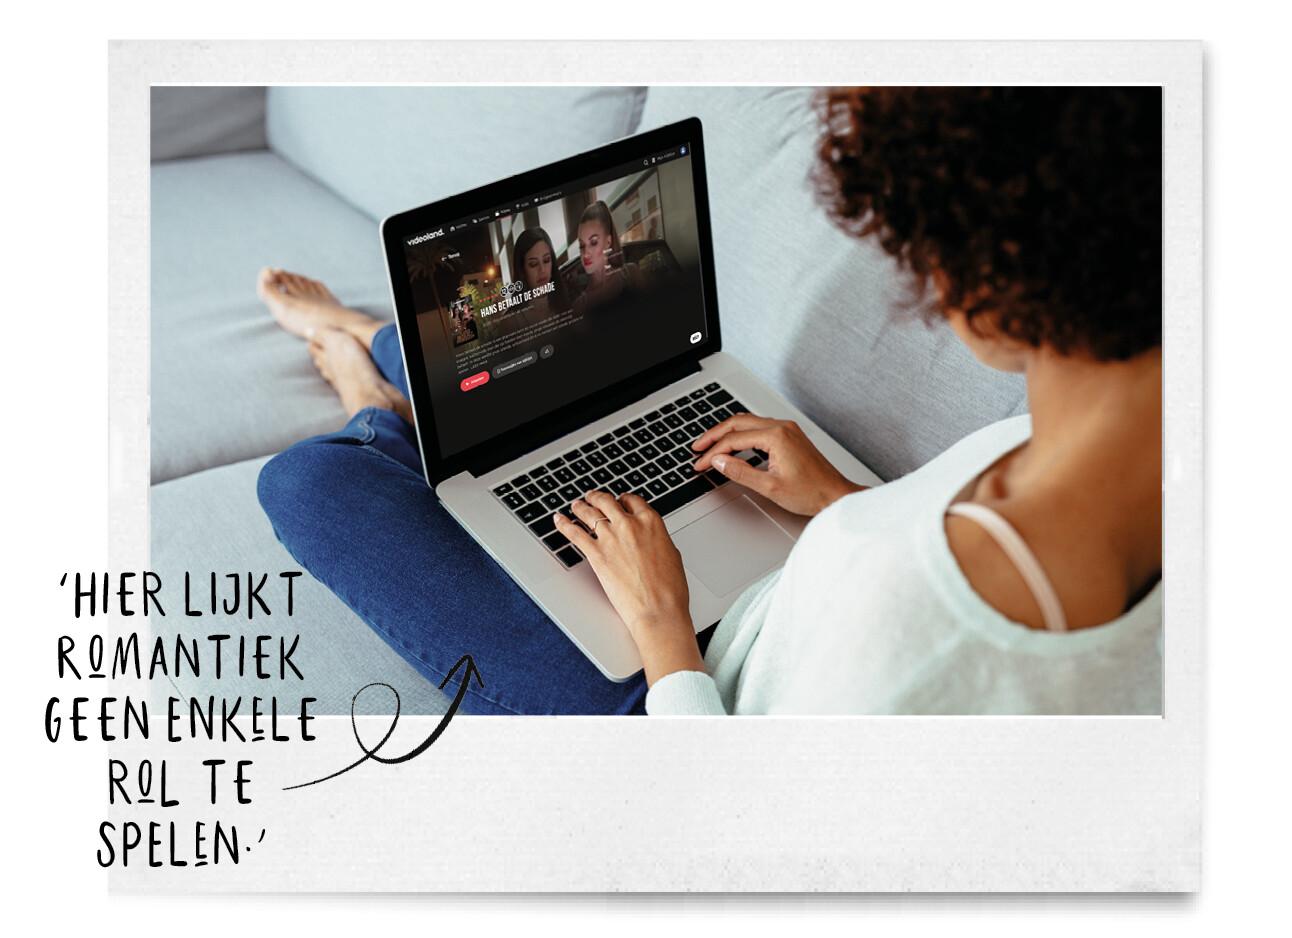 vrouw op haar laptop kijkend naar 'Hans Betaalt de schade wel'